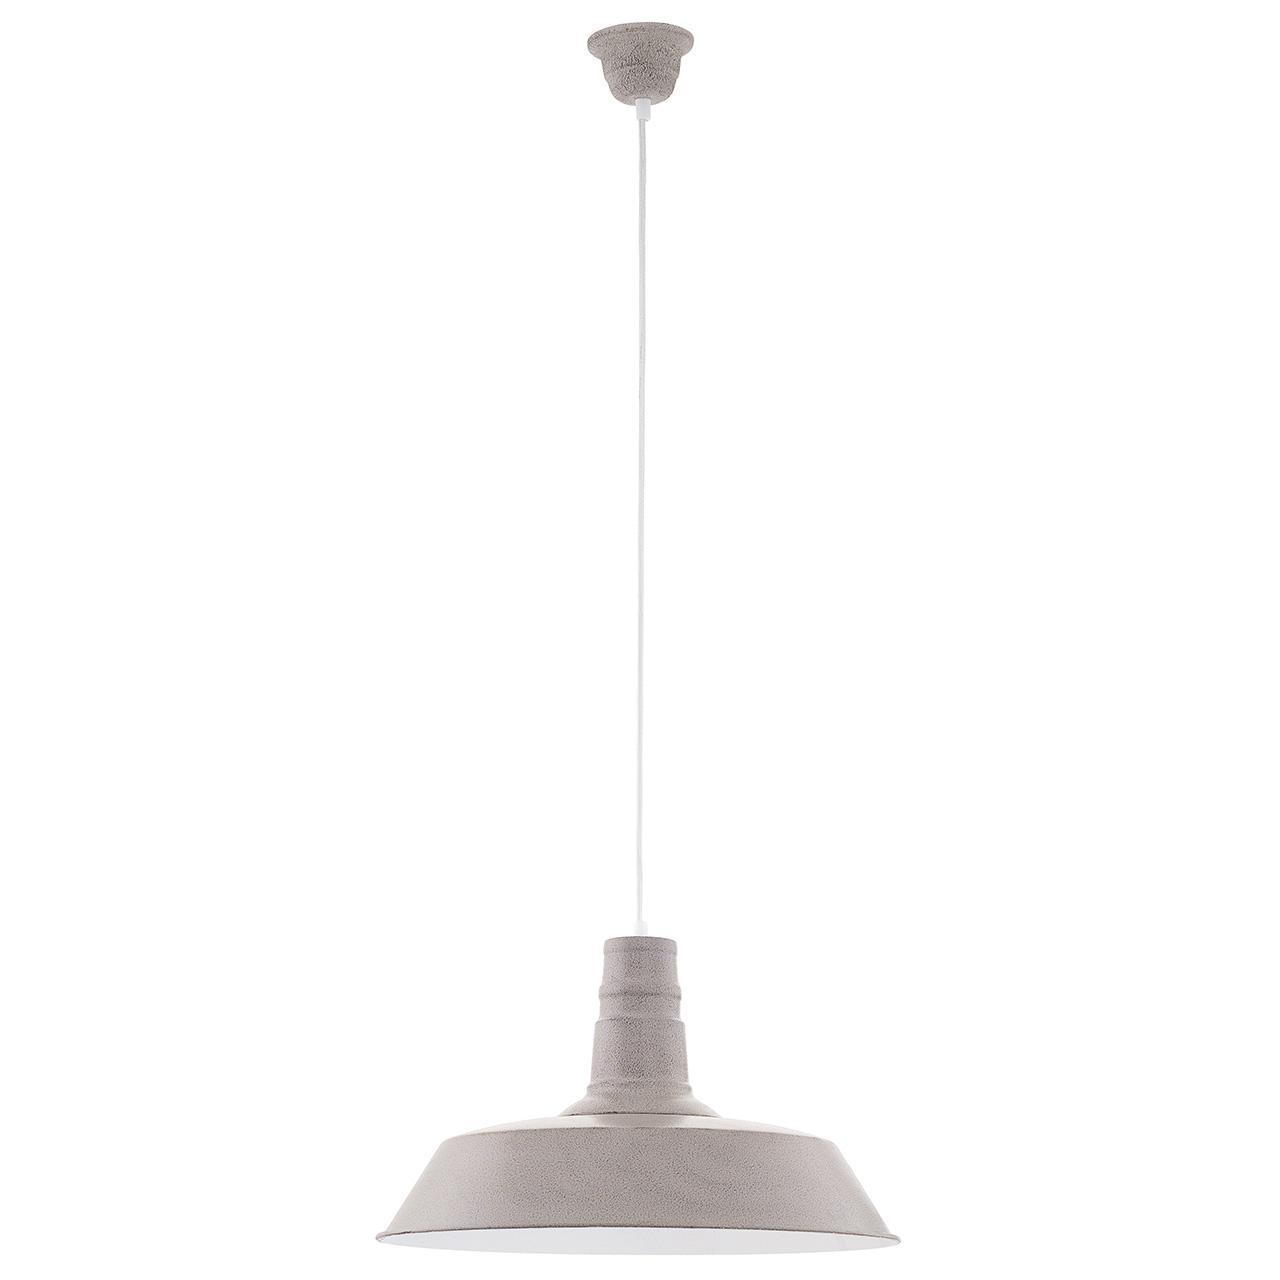 Подвесной светильник Eglo Somerton 1 49399 подвесной светильник eglo somerton 49388